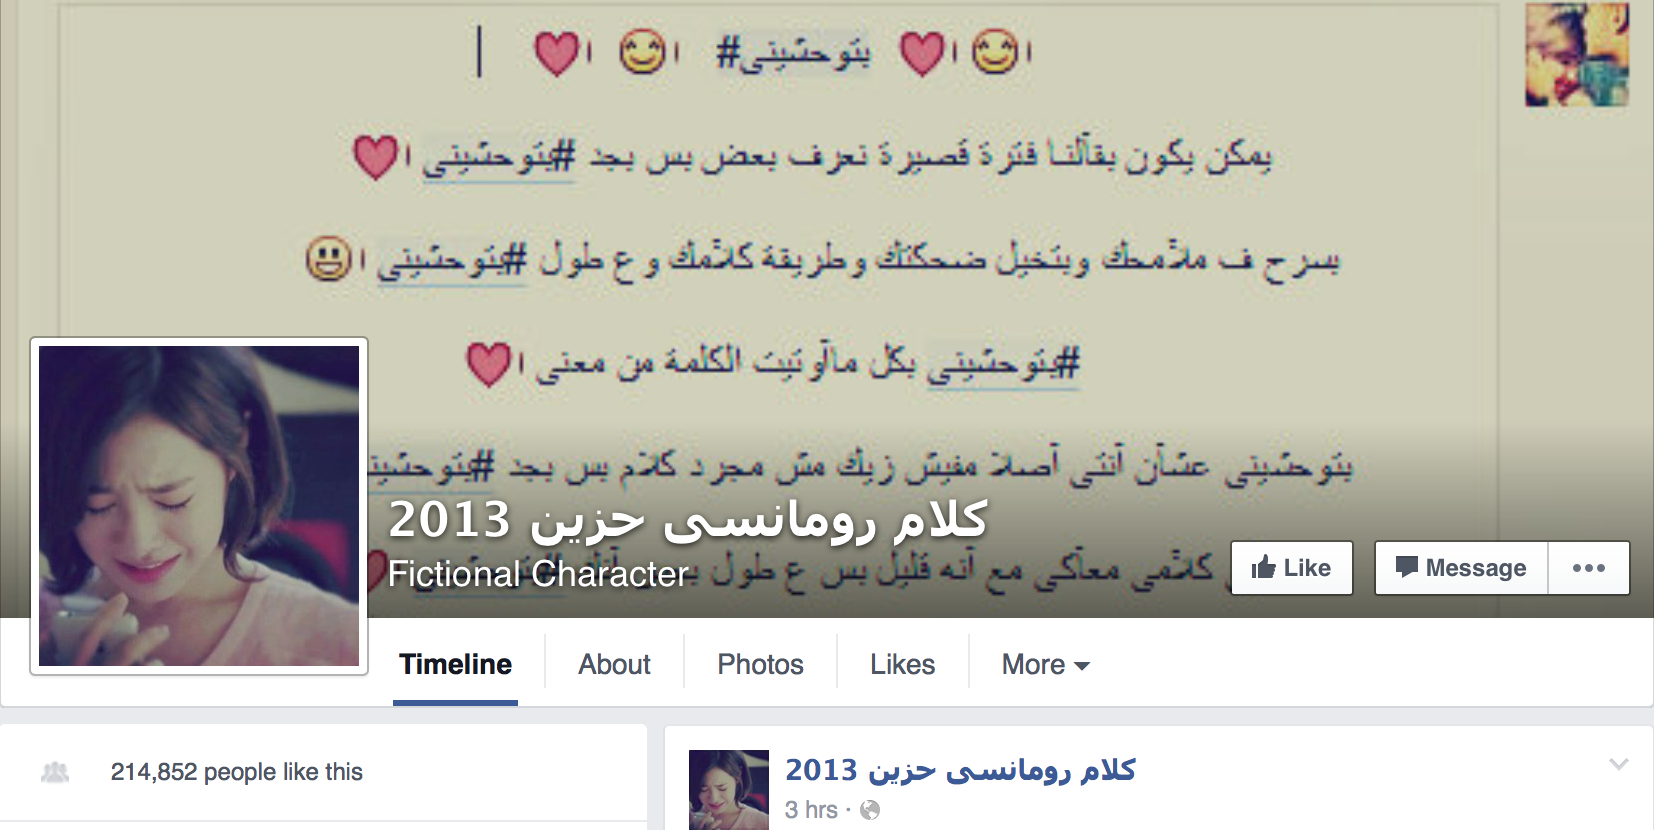 المازوشية النفسية العربية - صفحة كلام رومانسي حزين